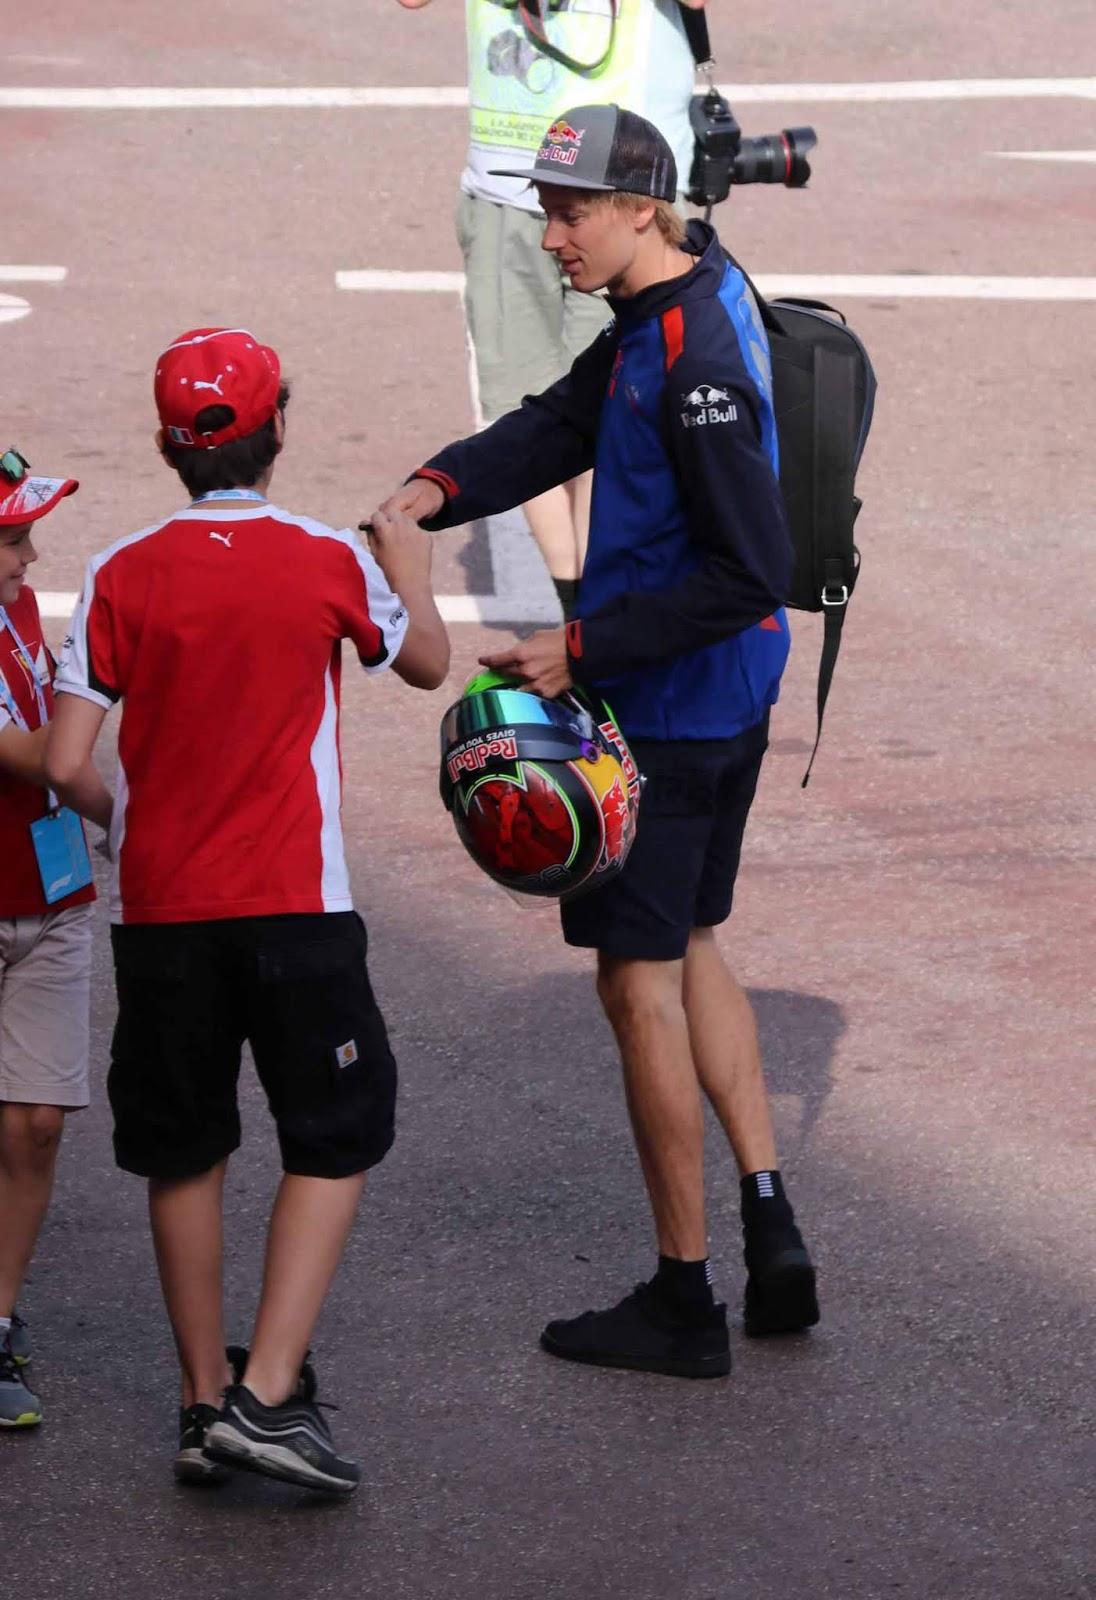 Ensimmäisen vuoden kuljettaja Toro Rosso -tallissa.